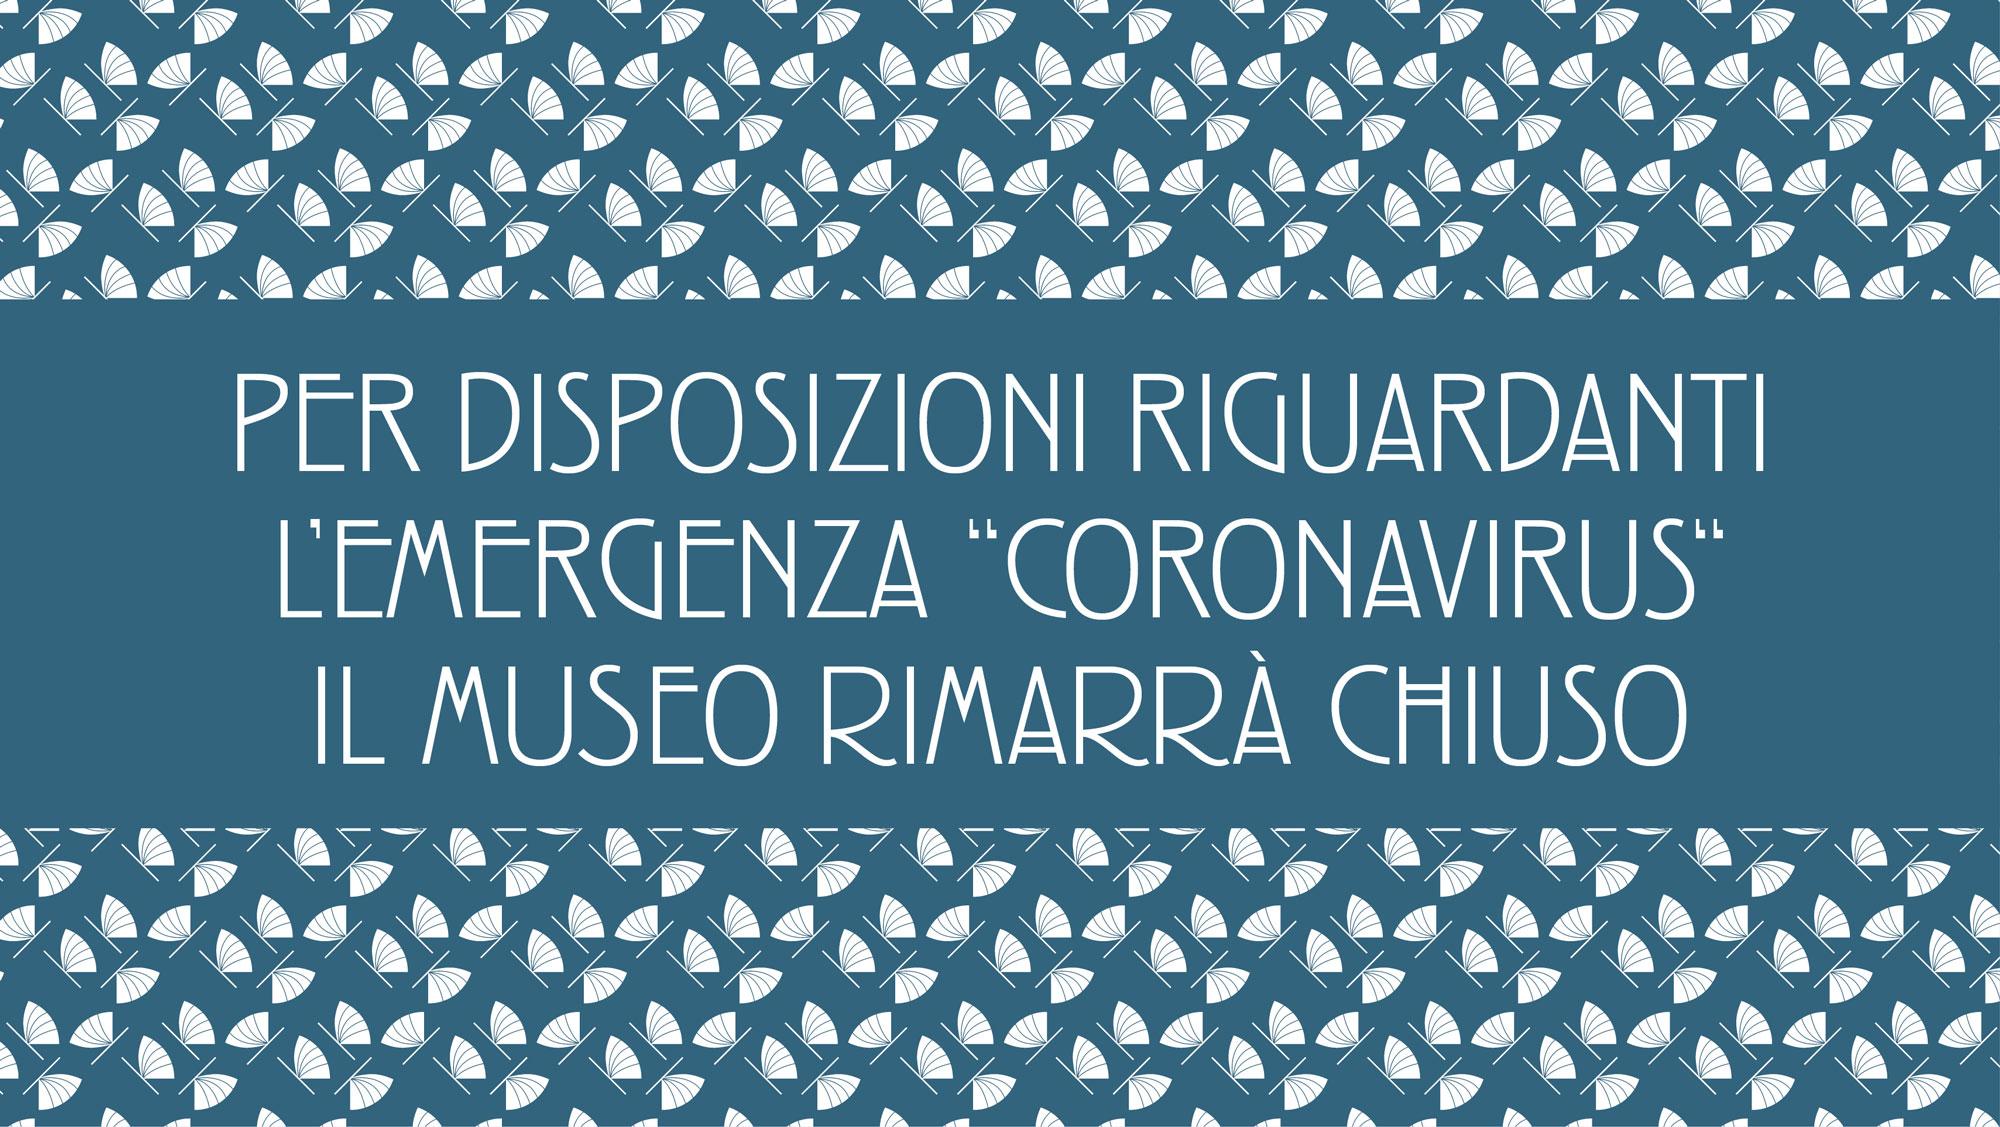 IL MUSEO E' CHIUSO TEMPORANEAMENTE